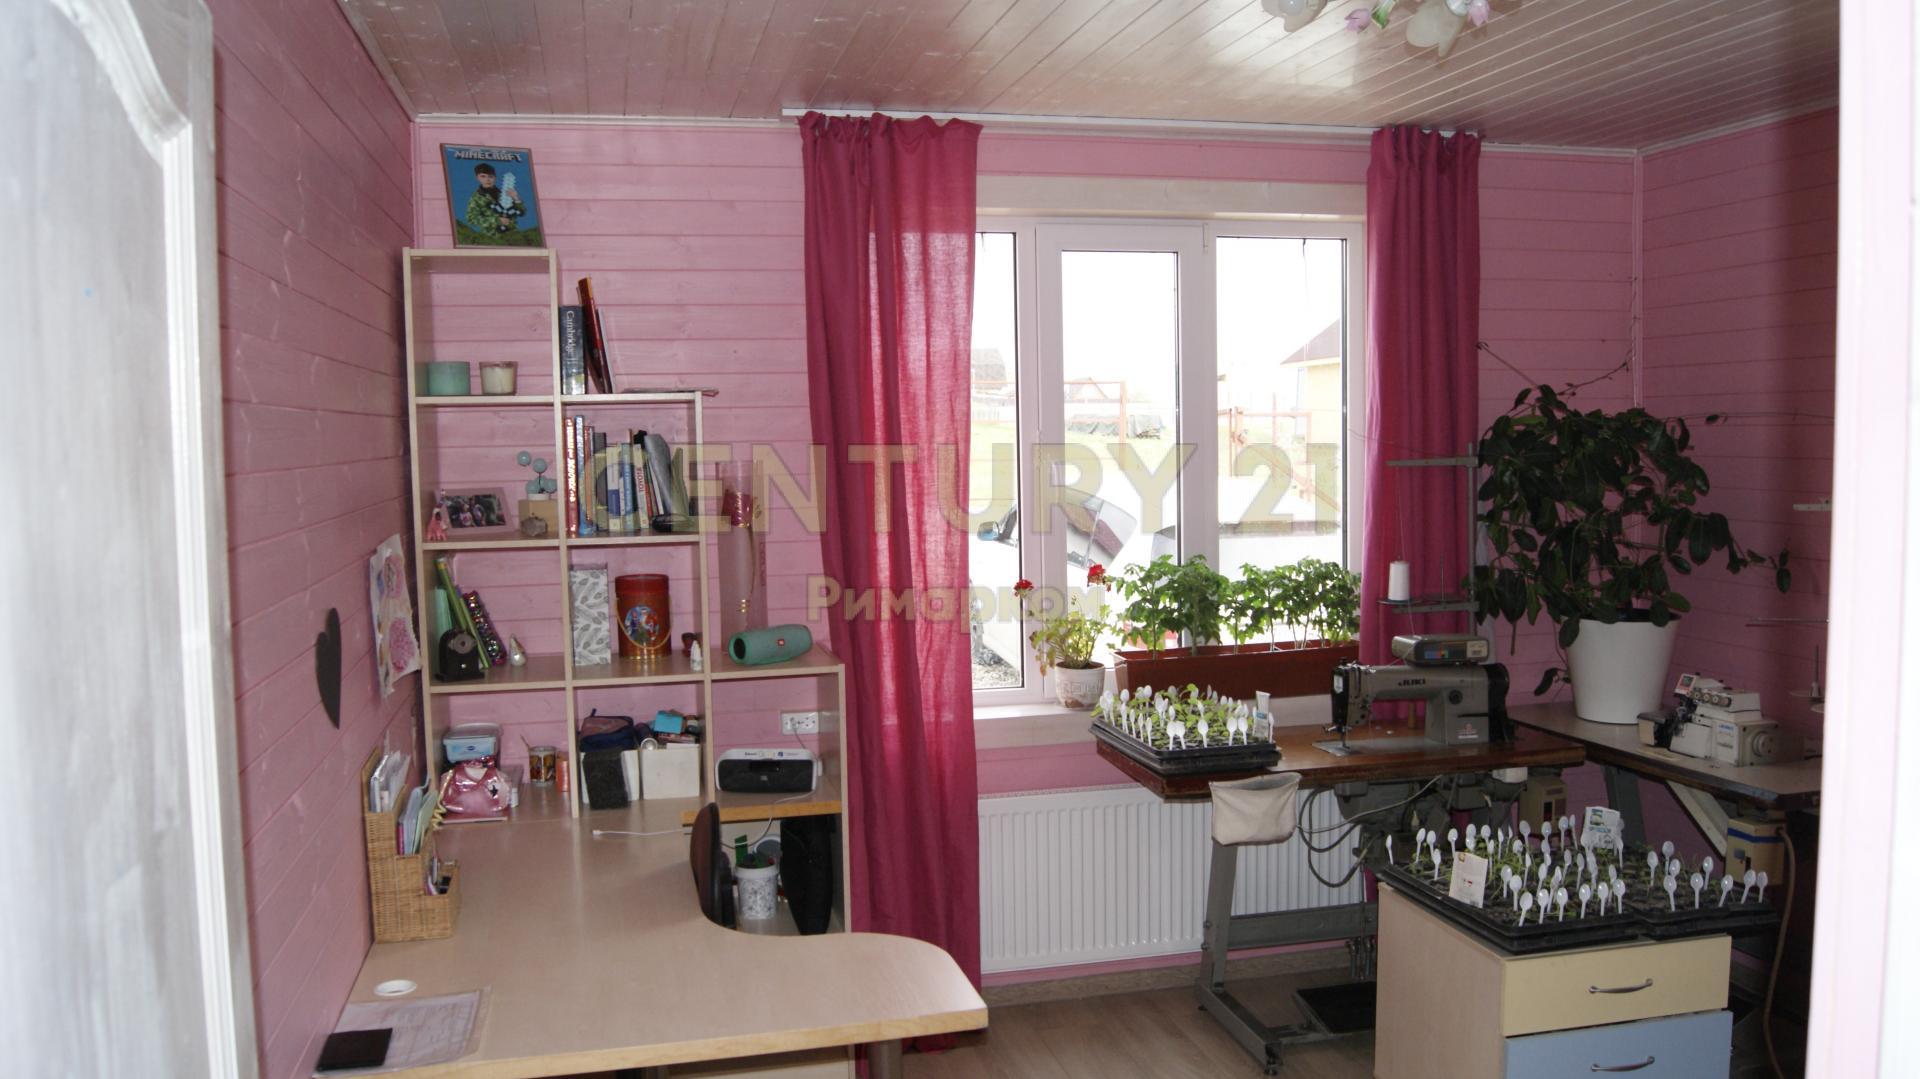 Продам дом по адресу Россия, Москва и Московская область, городской округ Чехов, Масново-жуково фото 18 по выгодной цене